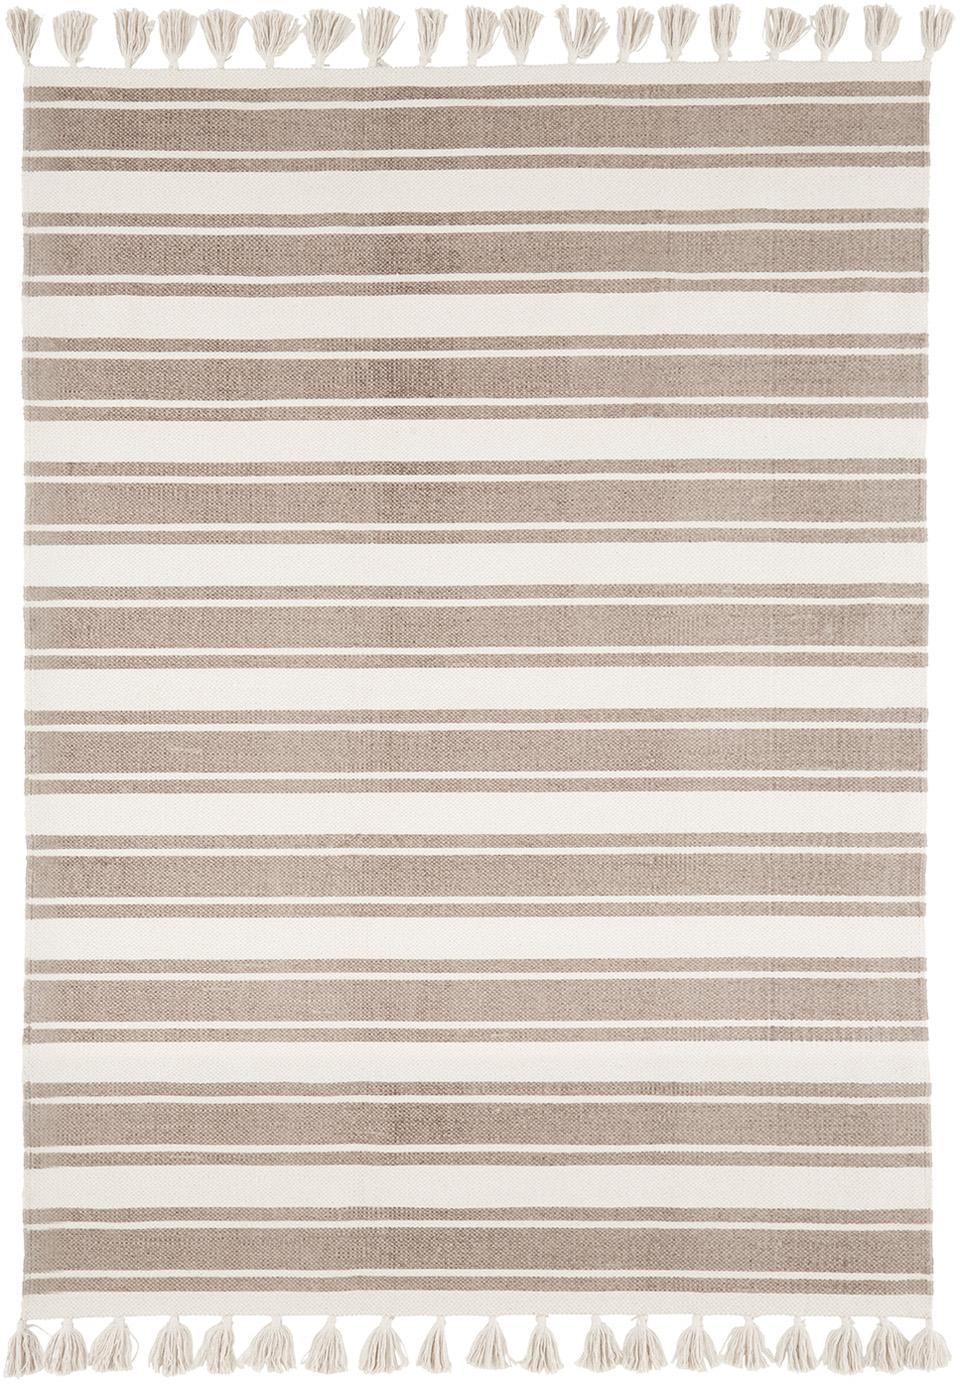 Dywan z bawełny w paski Vigga z chwostami, ręcznie tkany, Taupe, beżowy, S 120 x D 180 cm (Rozmiar S)